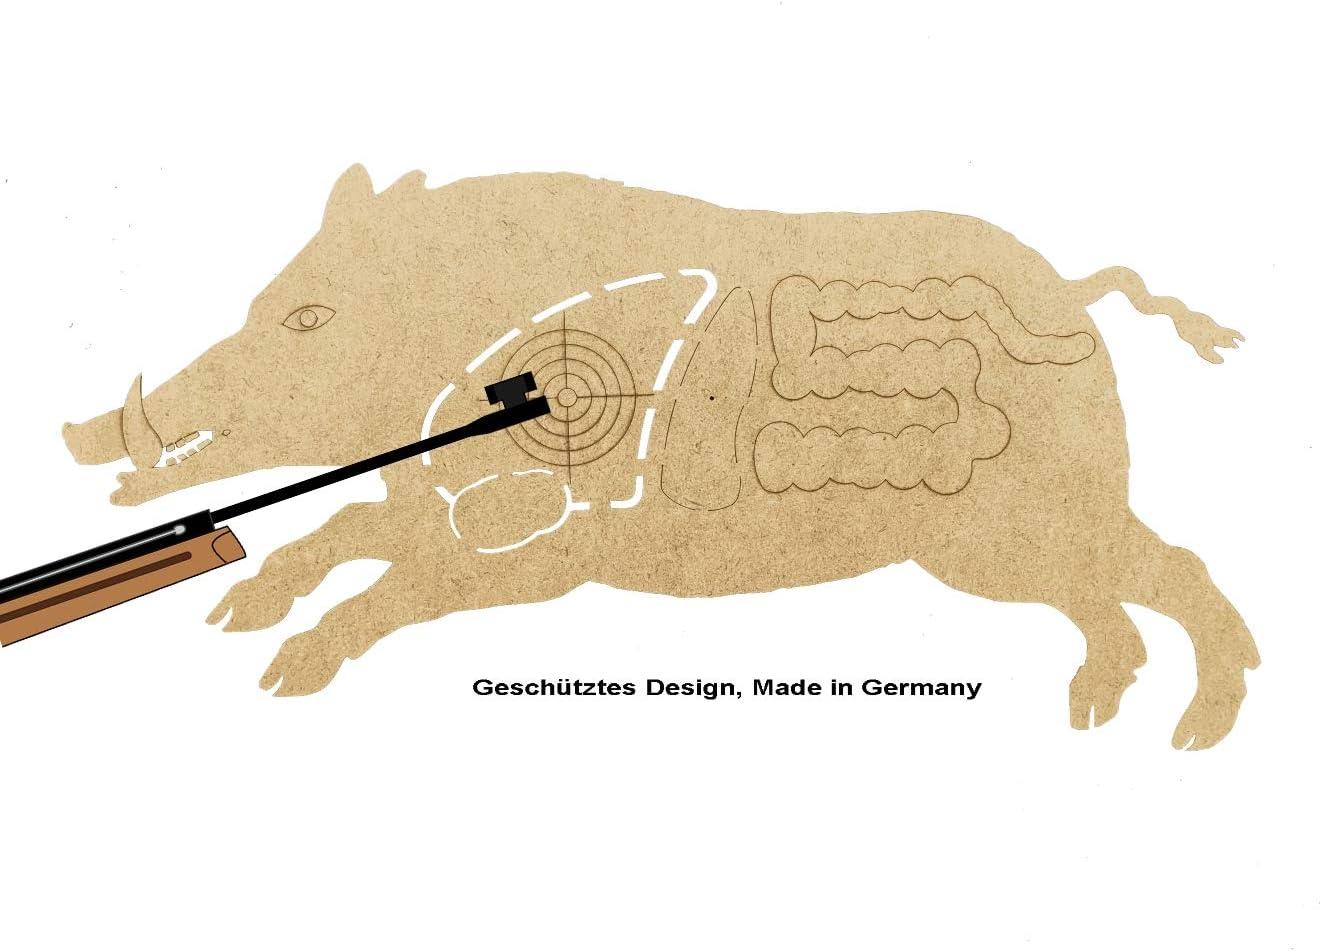 MomoMoments - Diana de madera para armas de aire comprimido, diseño de caza